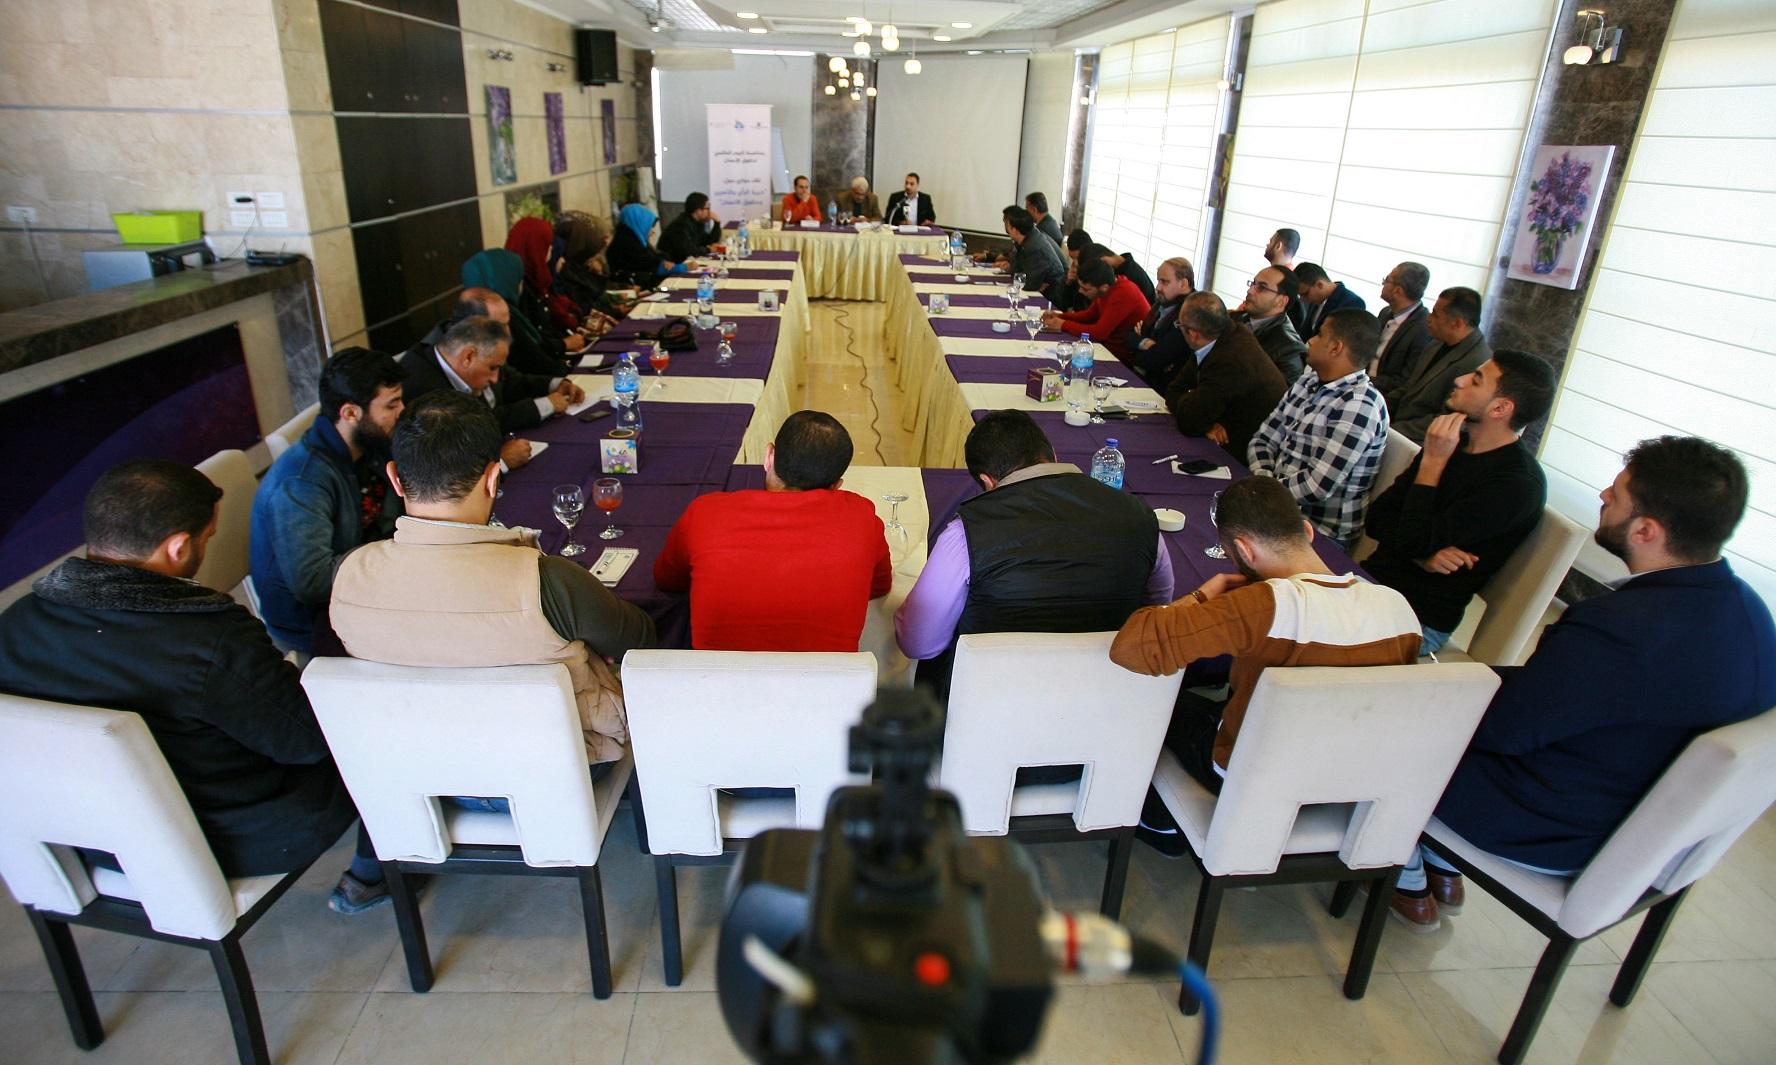 بيت الصحافة ينظم لقاءً حوارياً حول 'حرية الرأي والتعبير وحقوق الانسان'